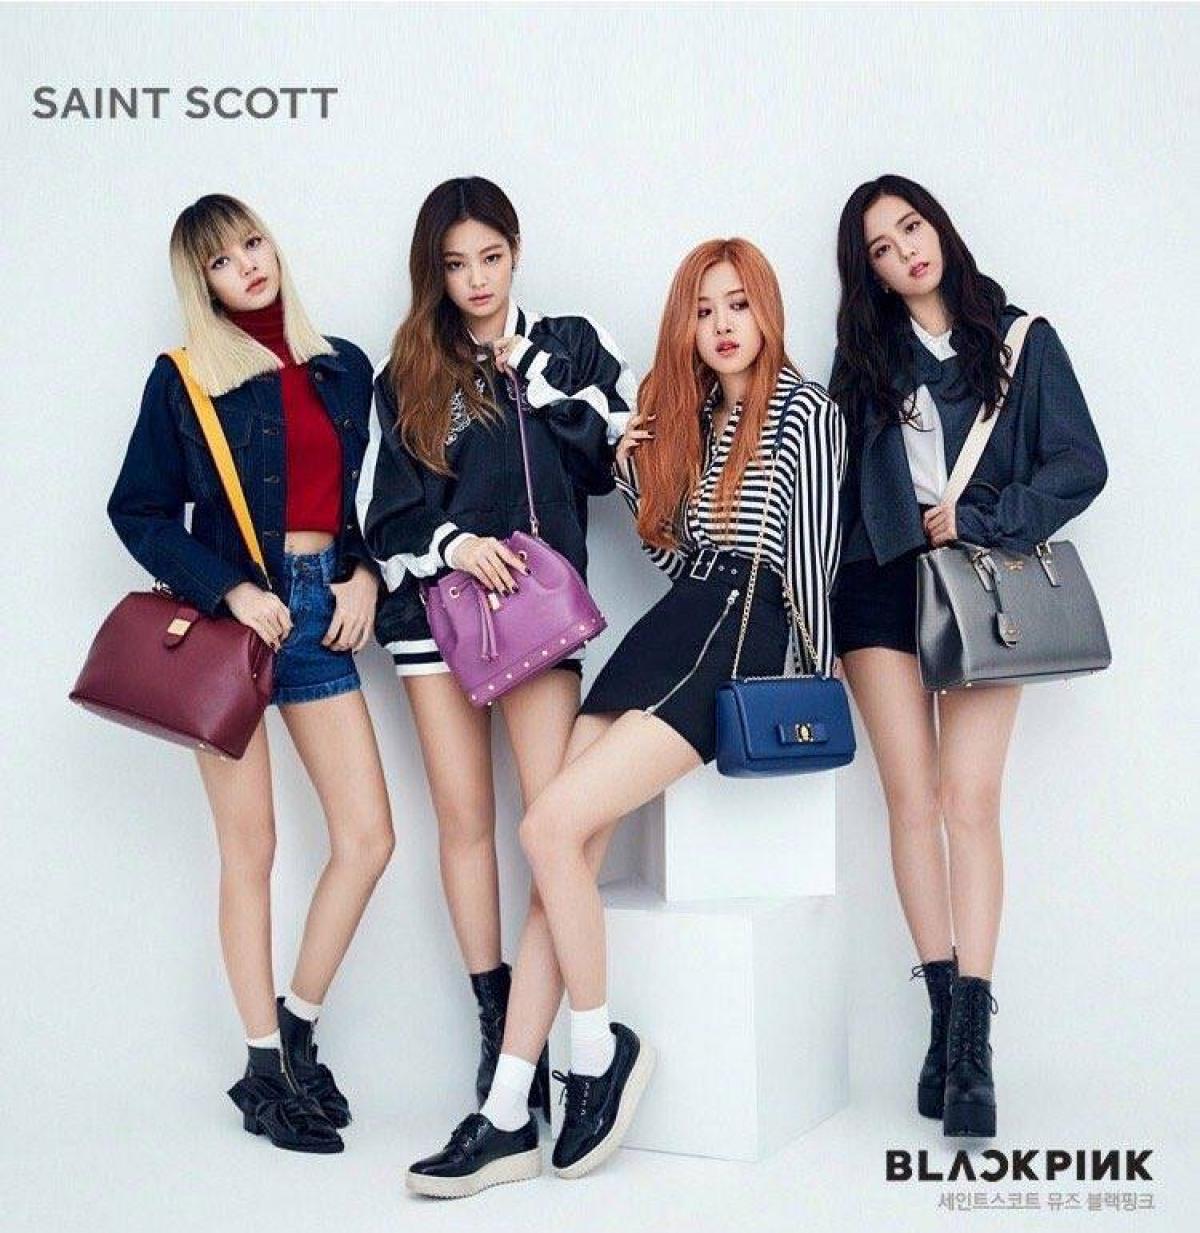 Blackpink Wallpaper Hd For Pc: ส่องเรียวขาสาวๆ วง BLACKPINK ขาเล็กกว่านี้ก็ตะเกียบแล้วววว